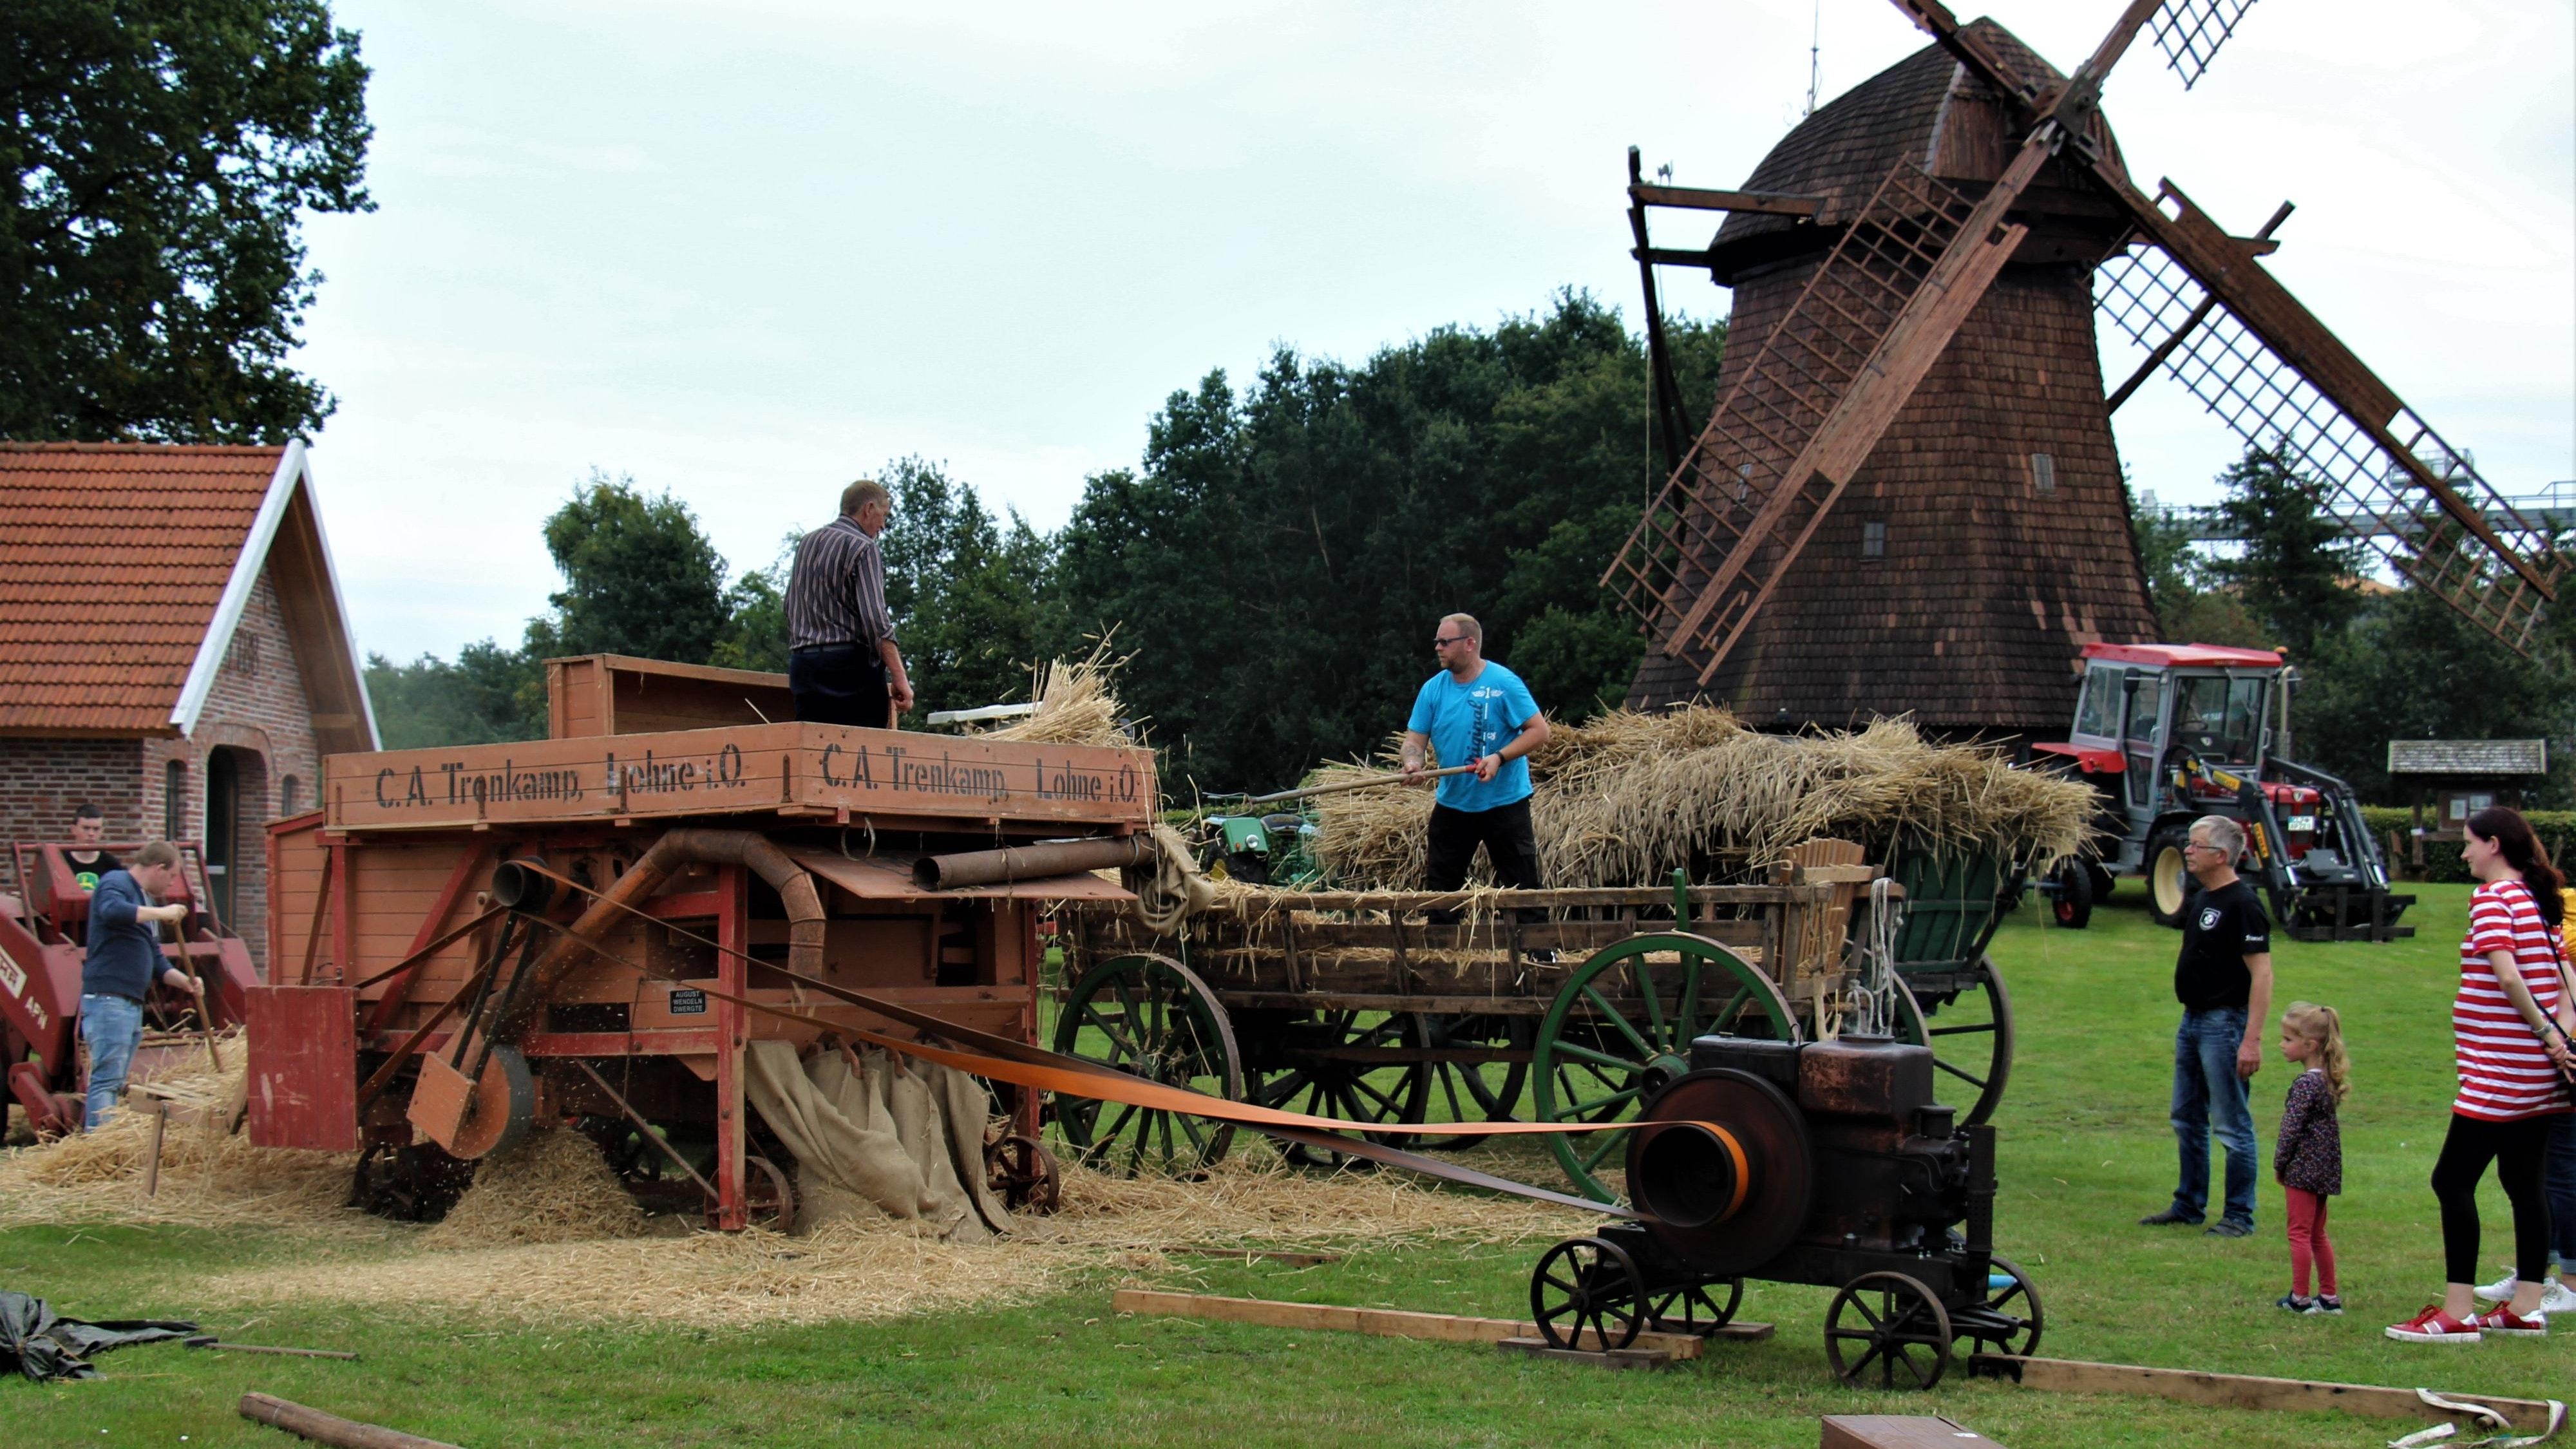 Landwirtschaft wie in den 1950er Jahren: Die zuvor getrockneten Roggengarben werden in einer Dreschmaschine verarbeitet. Für den Antrieb sorgt ein alter Dieselmotor über einen langen Treibriemen. Fotos: Funke